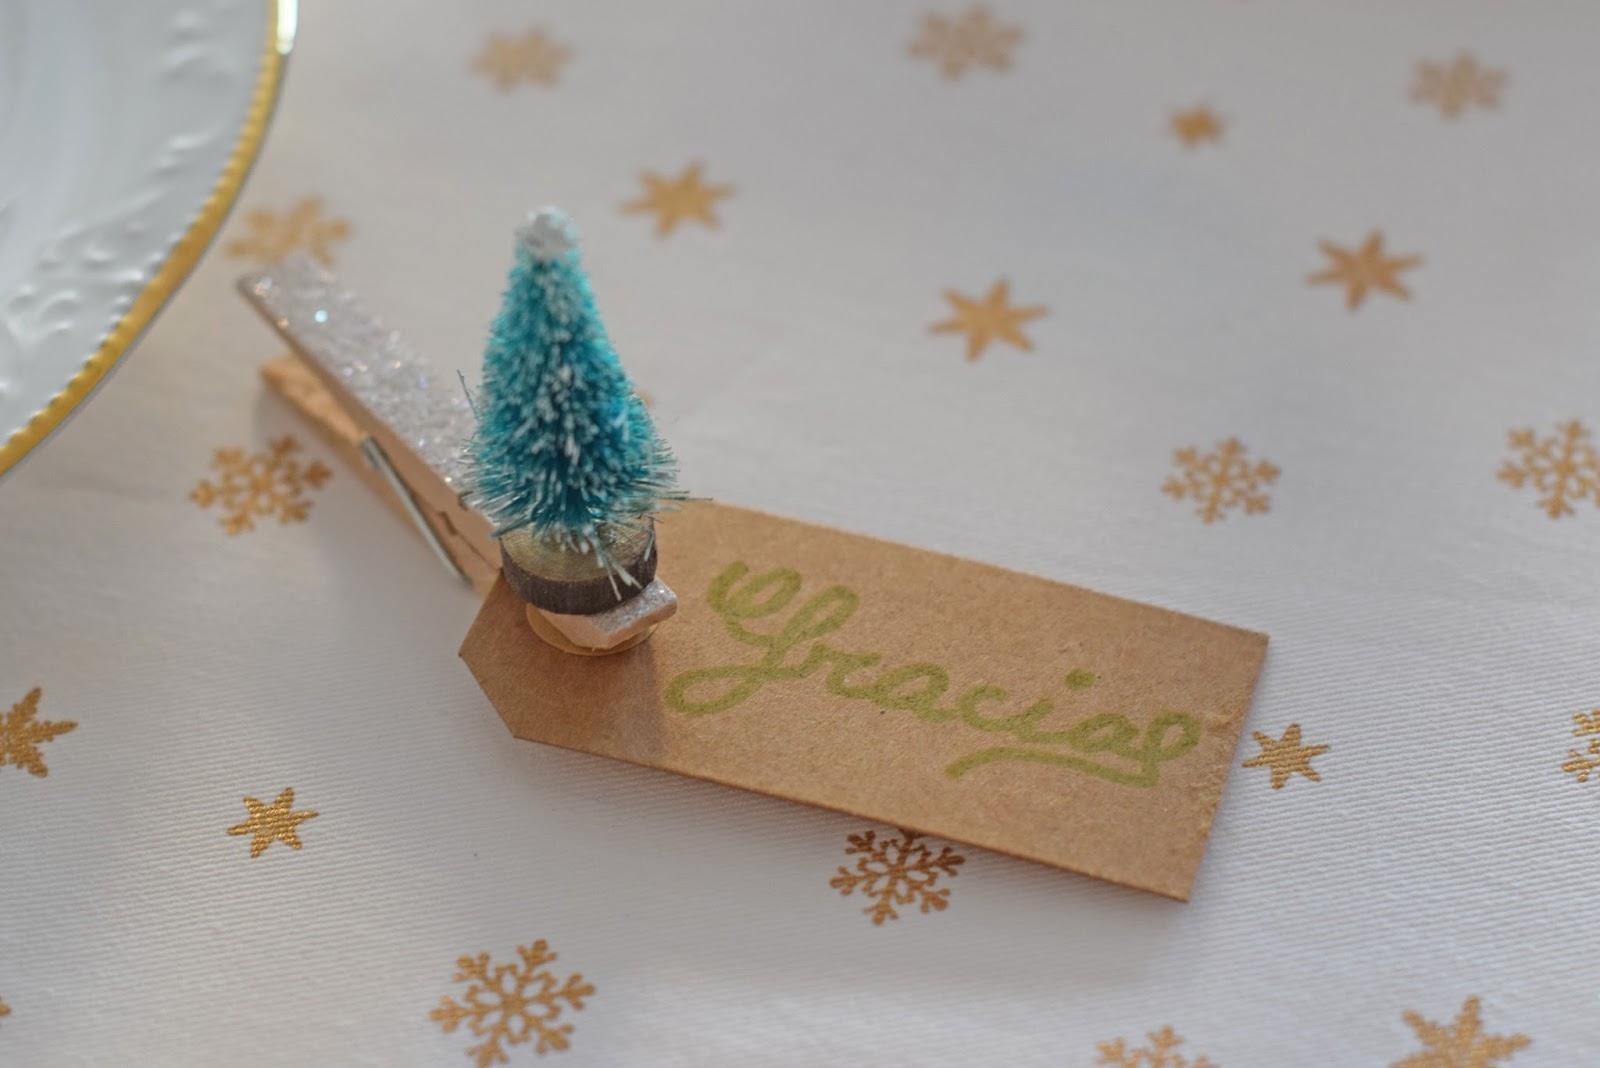 Ale samaniego - Decorar mesa navidad para cena ...